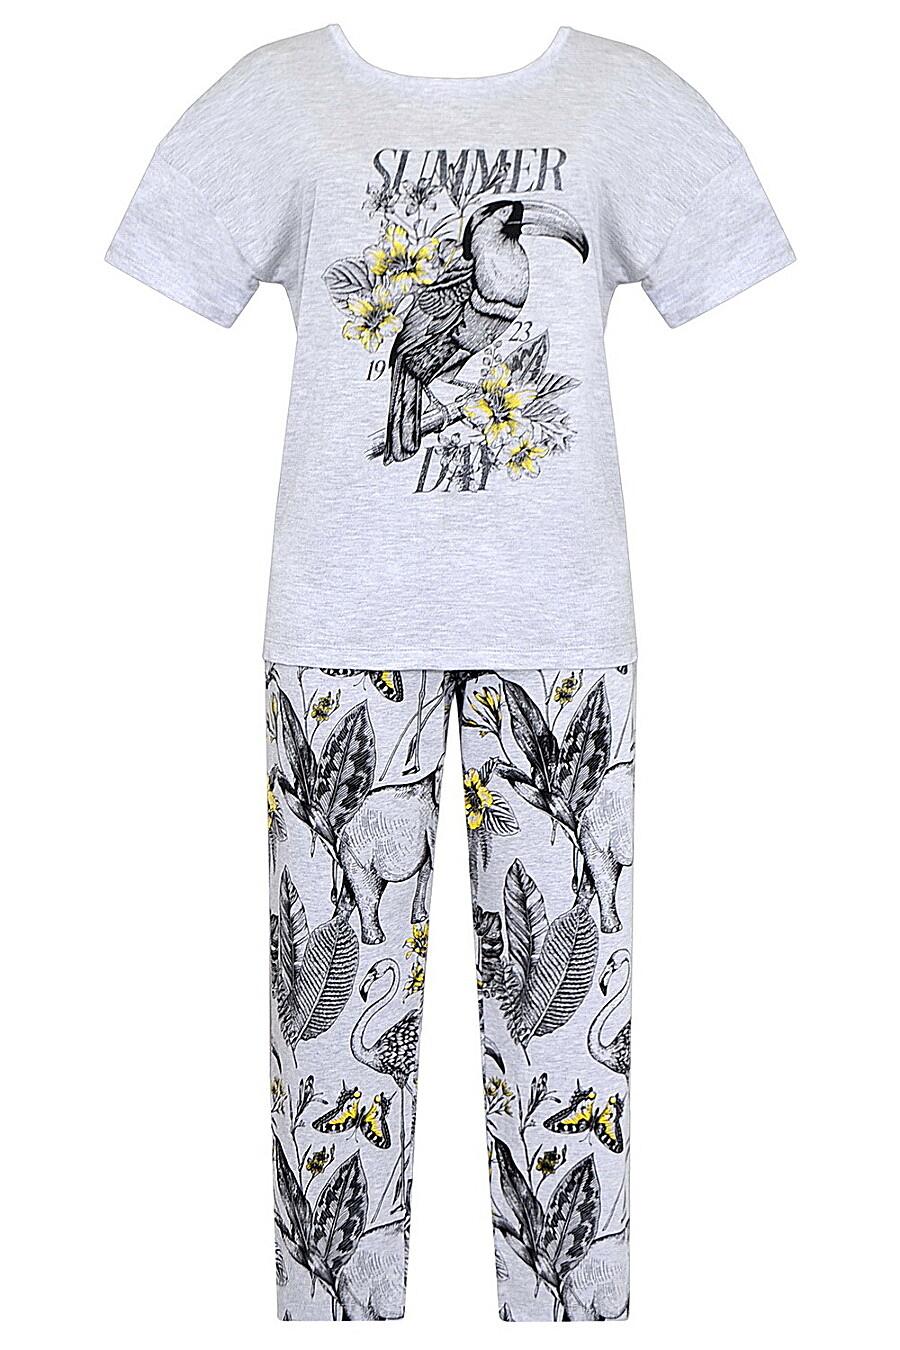 Комплект (Бриджи+Футболка) для женщин TRIKOZZA 121707 купить оптом от производителя. Совместная покупка женской одежды в OptMoyo